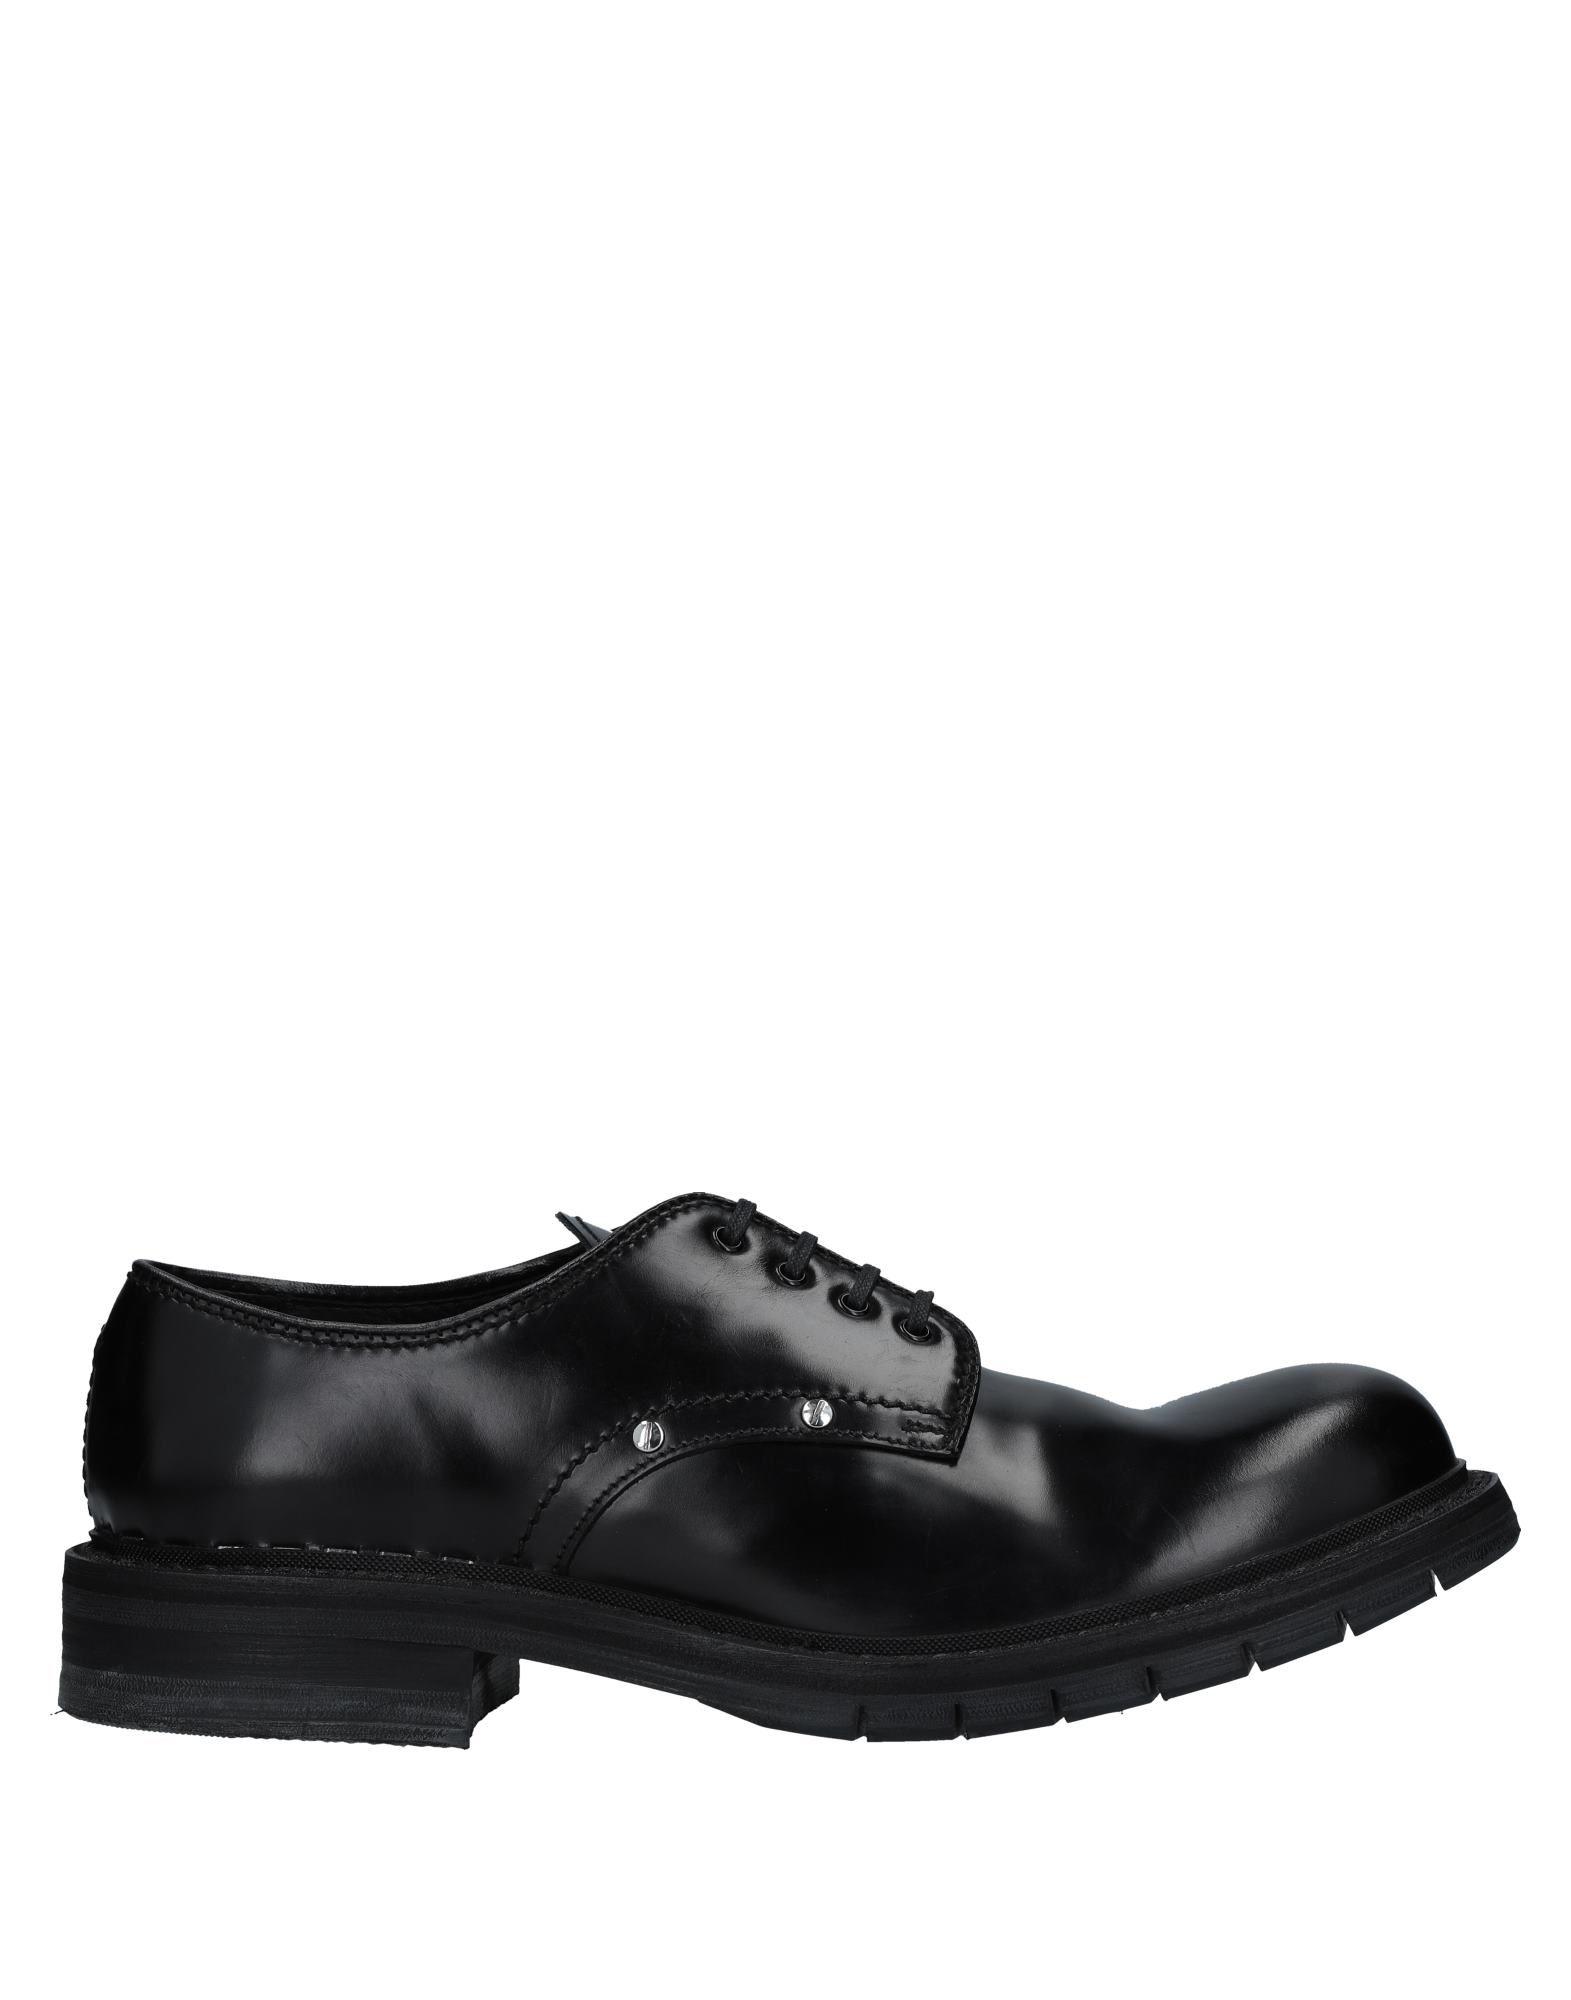 Premiata Schnürschuhe Herren  11528872GF Gute Qualität beliebte Schuhe